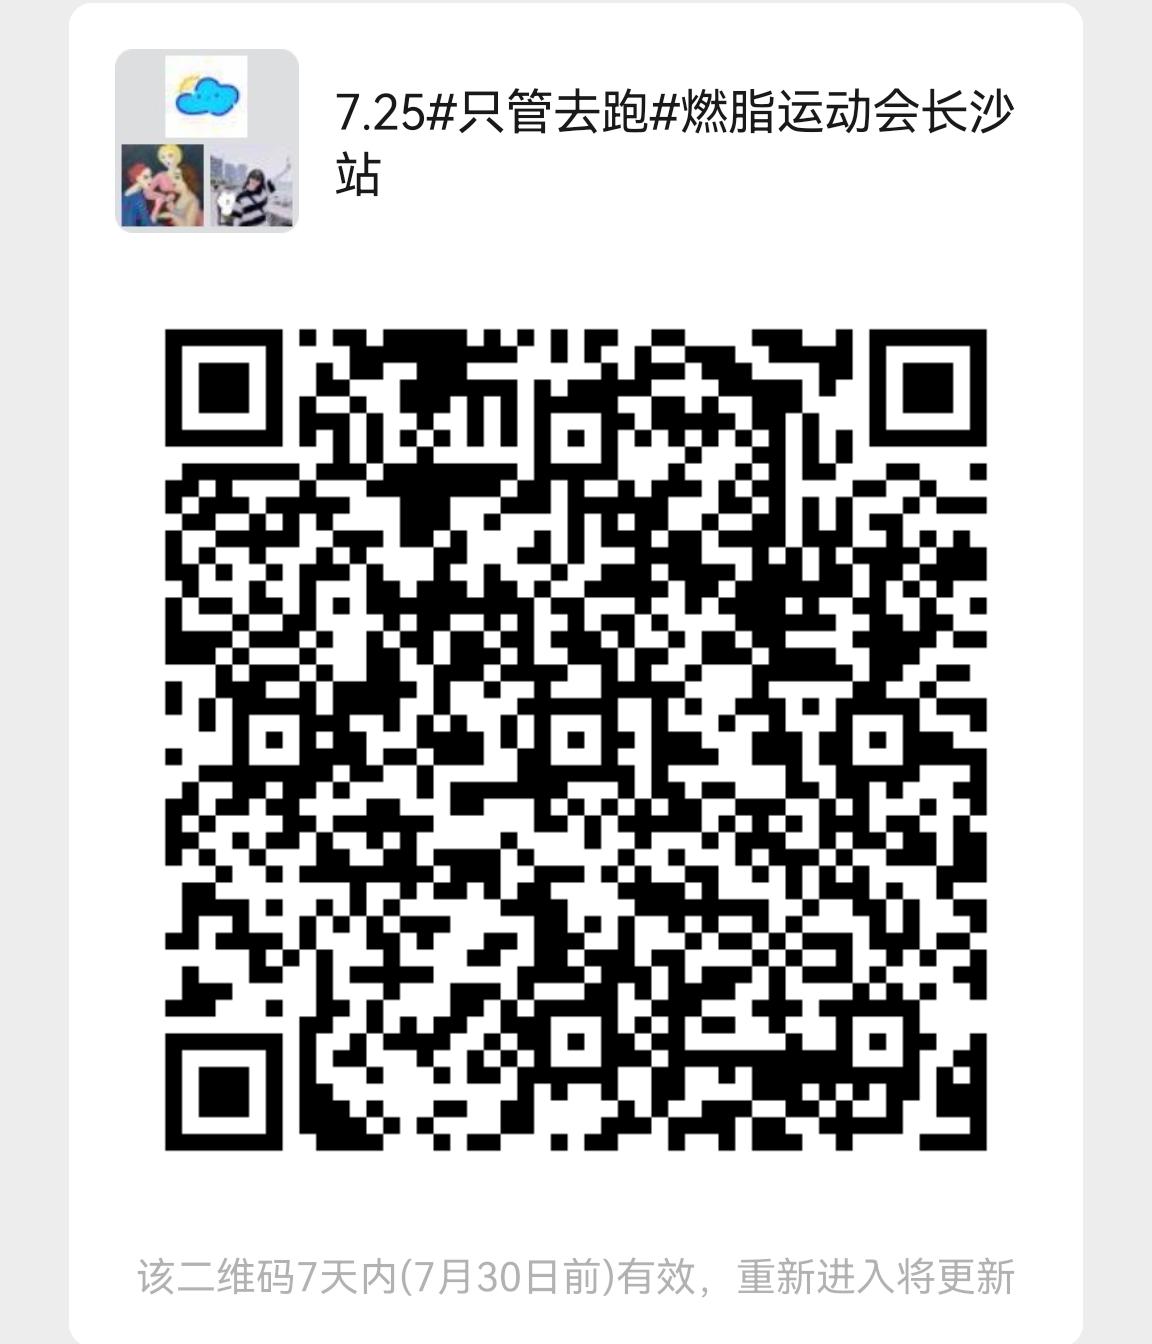 Screenshot_20210723_192945.jpg